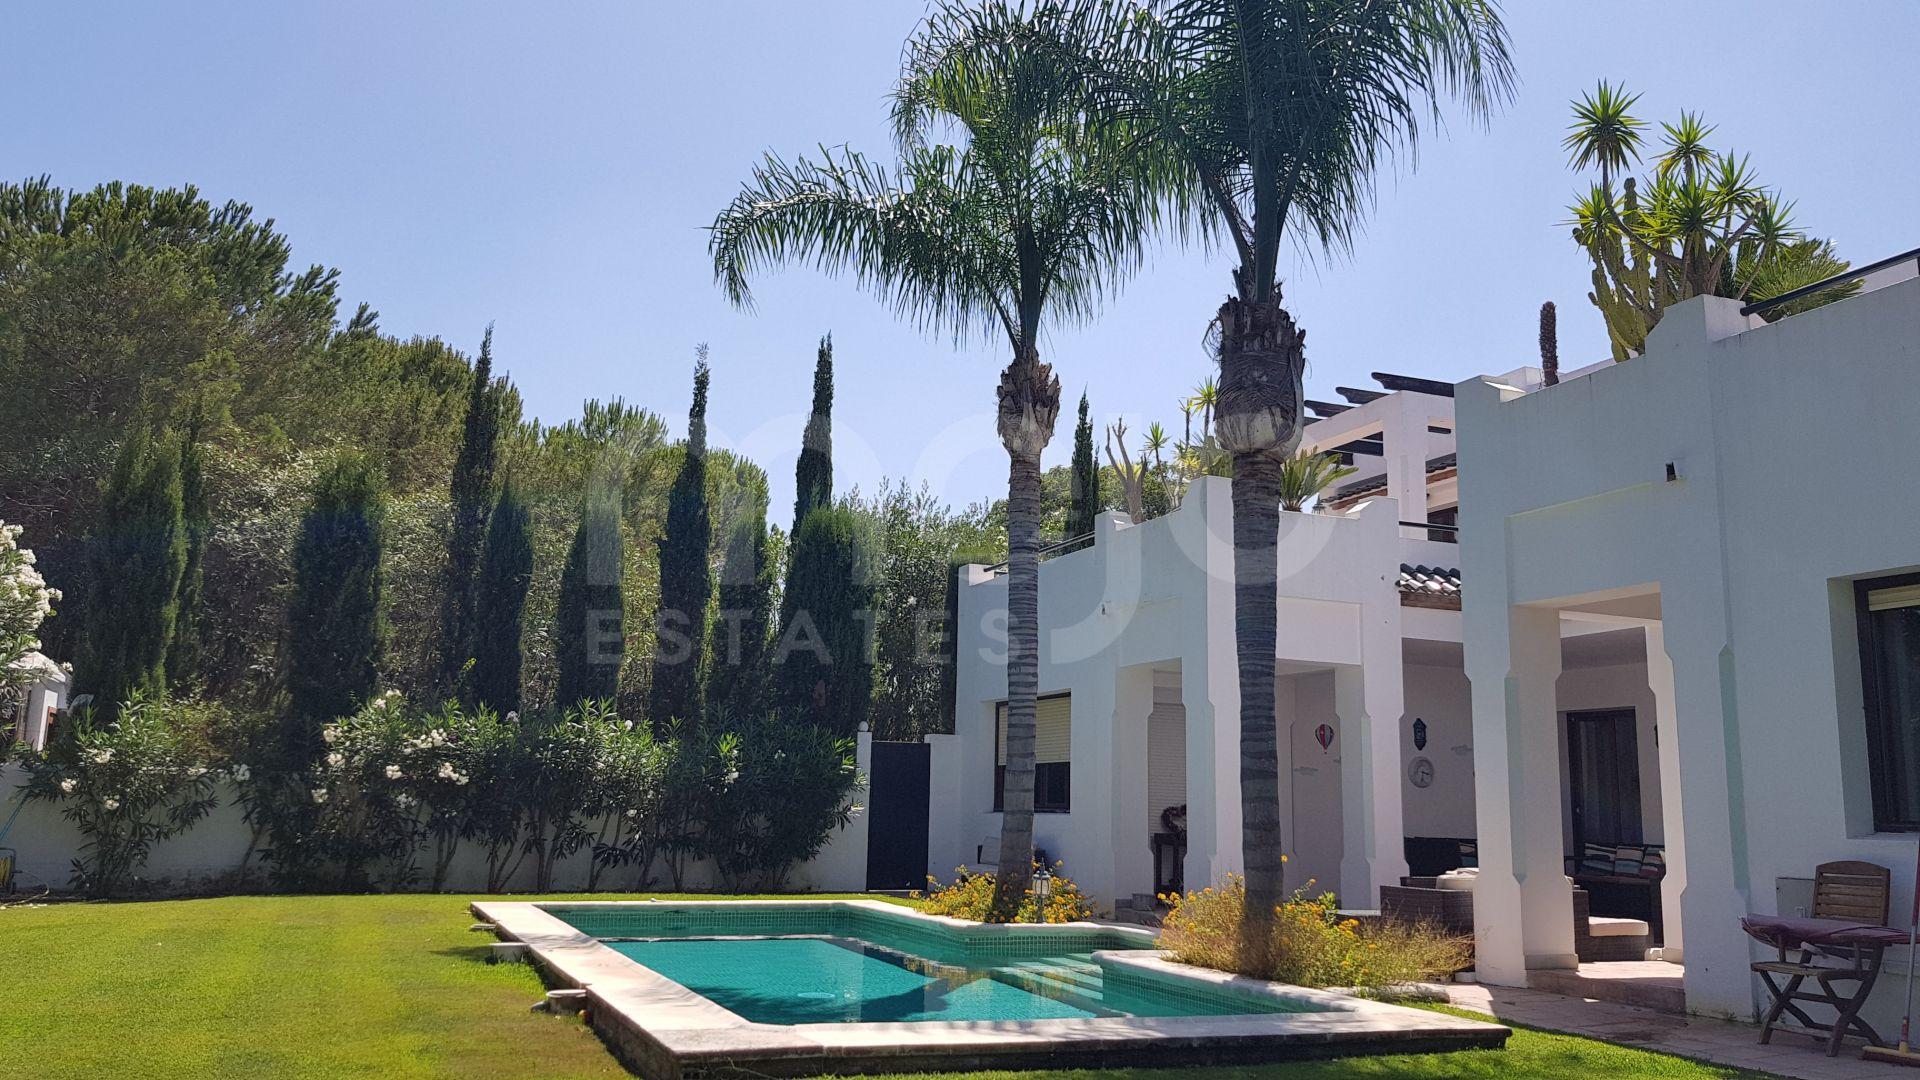 Luxury 4 Bedroom Villa in F zone in Sotogrande